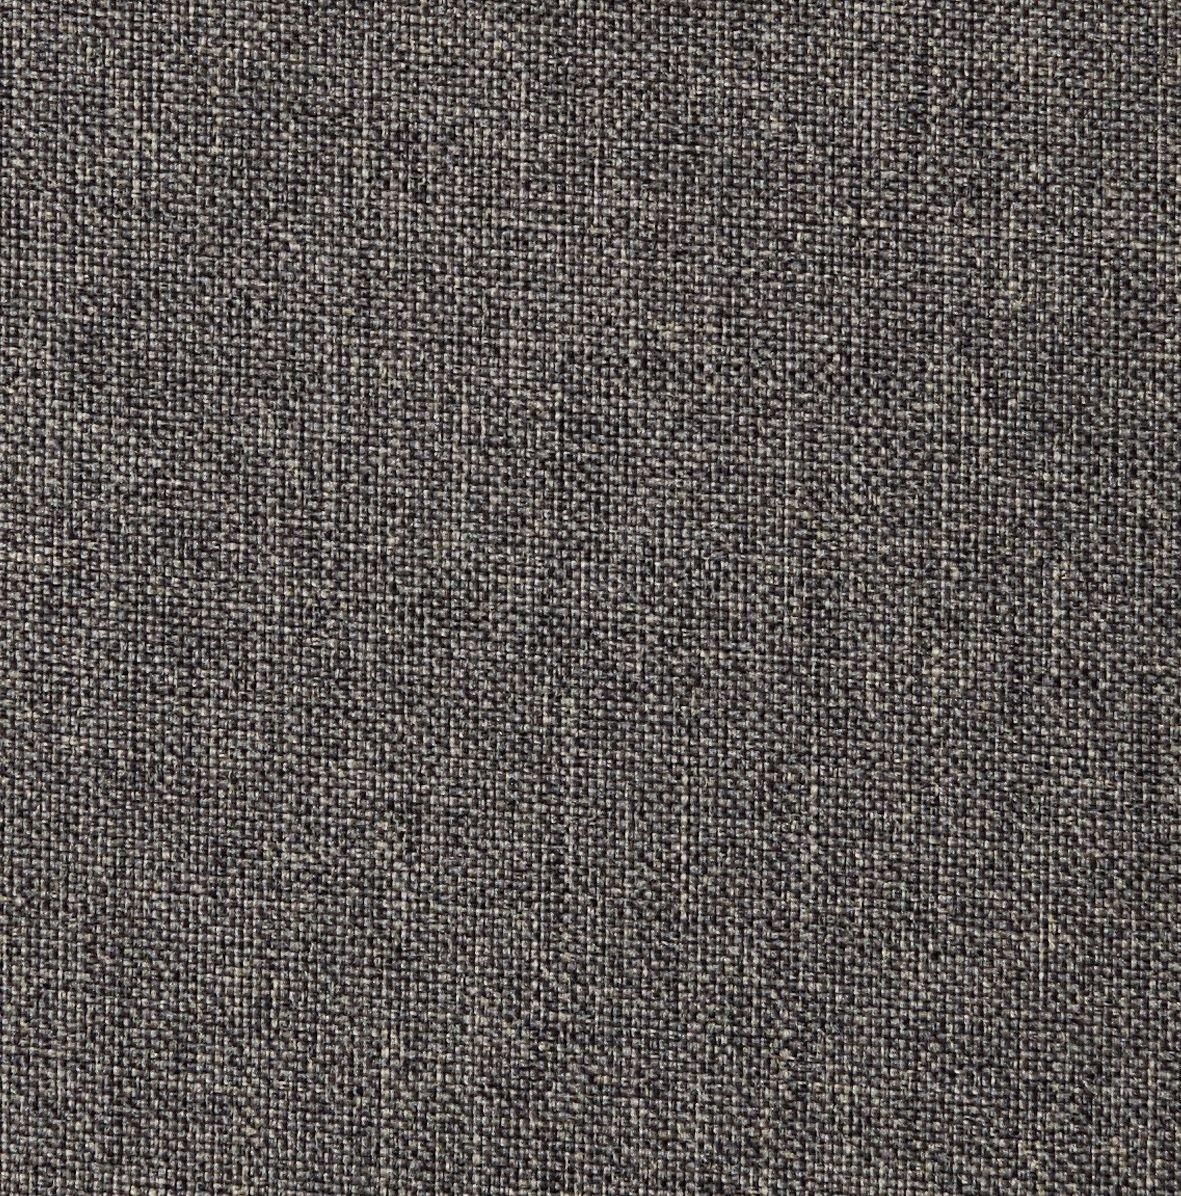 216 Flashtex Dark Grey-20